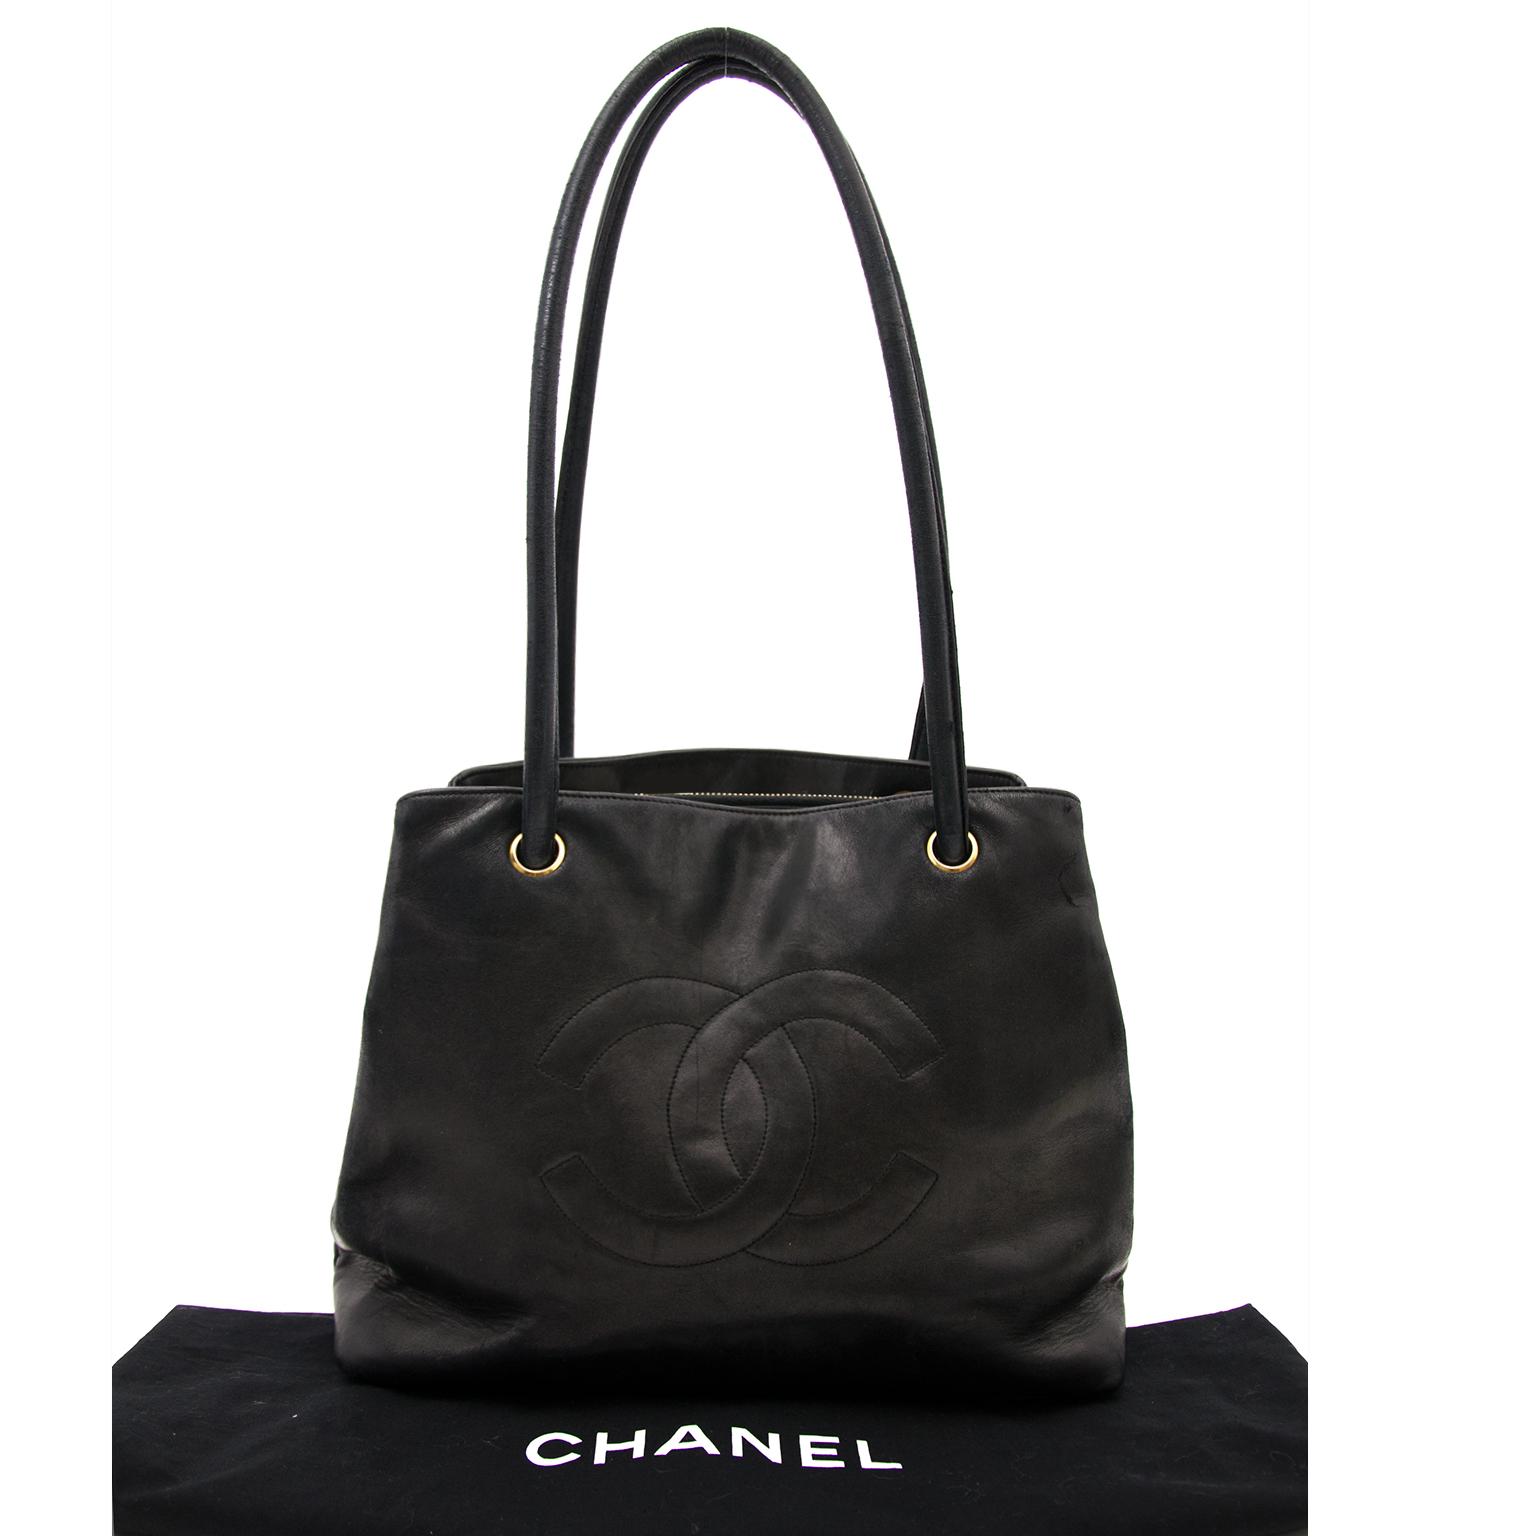 Koop uw authentieke Chanel Black Leather Shopper aan de beste prijs